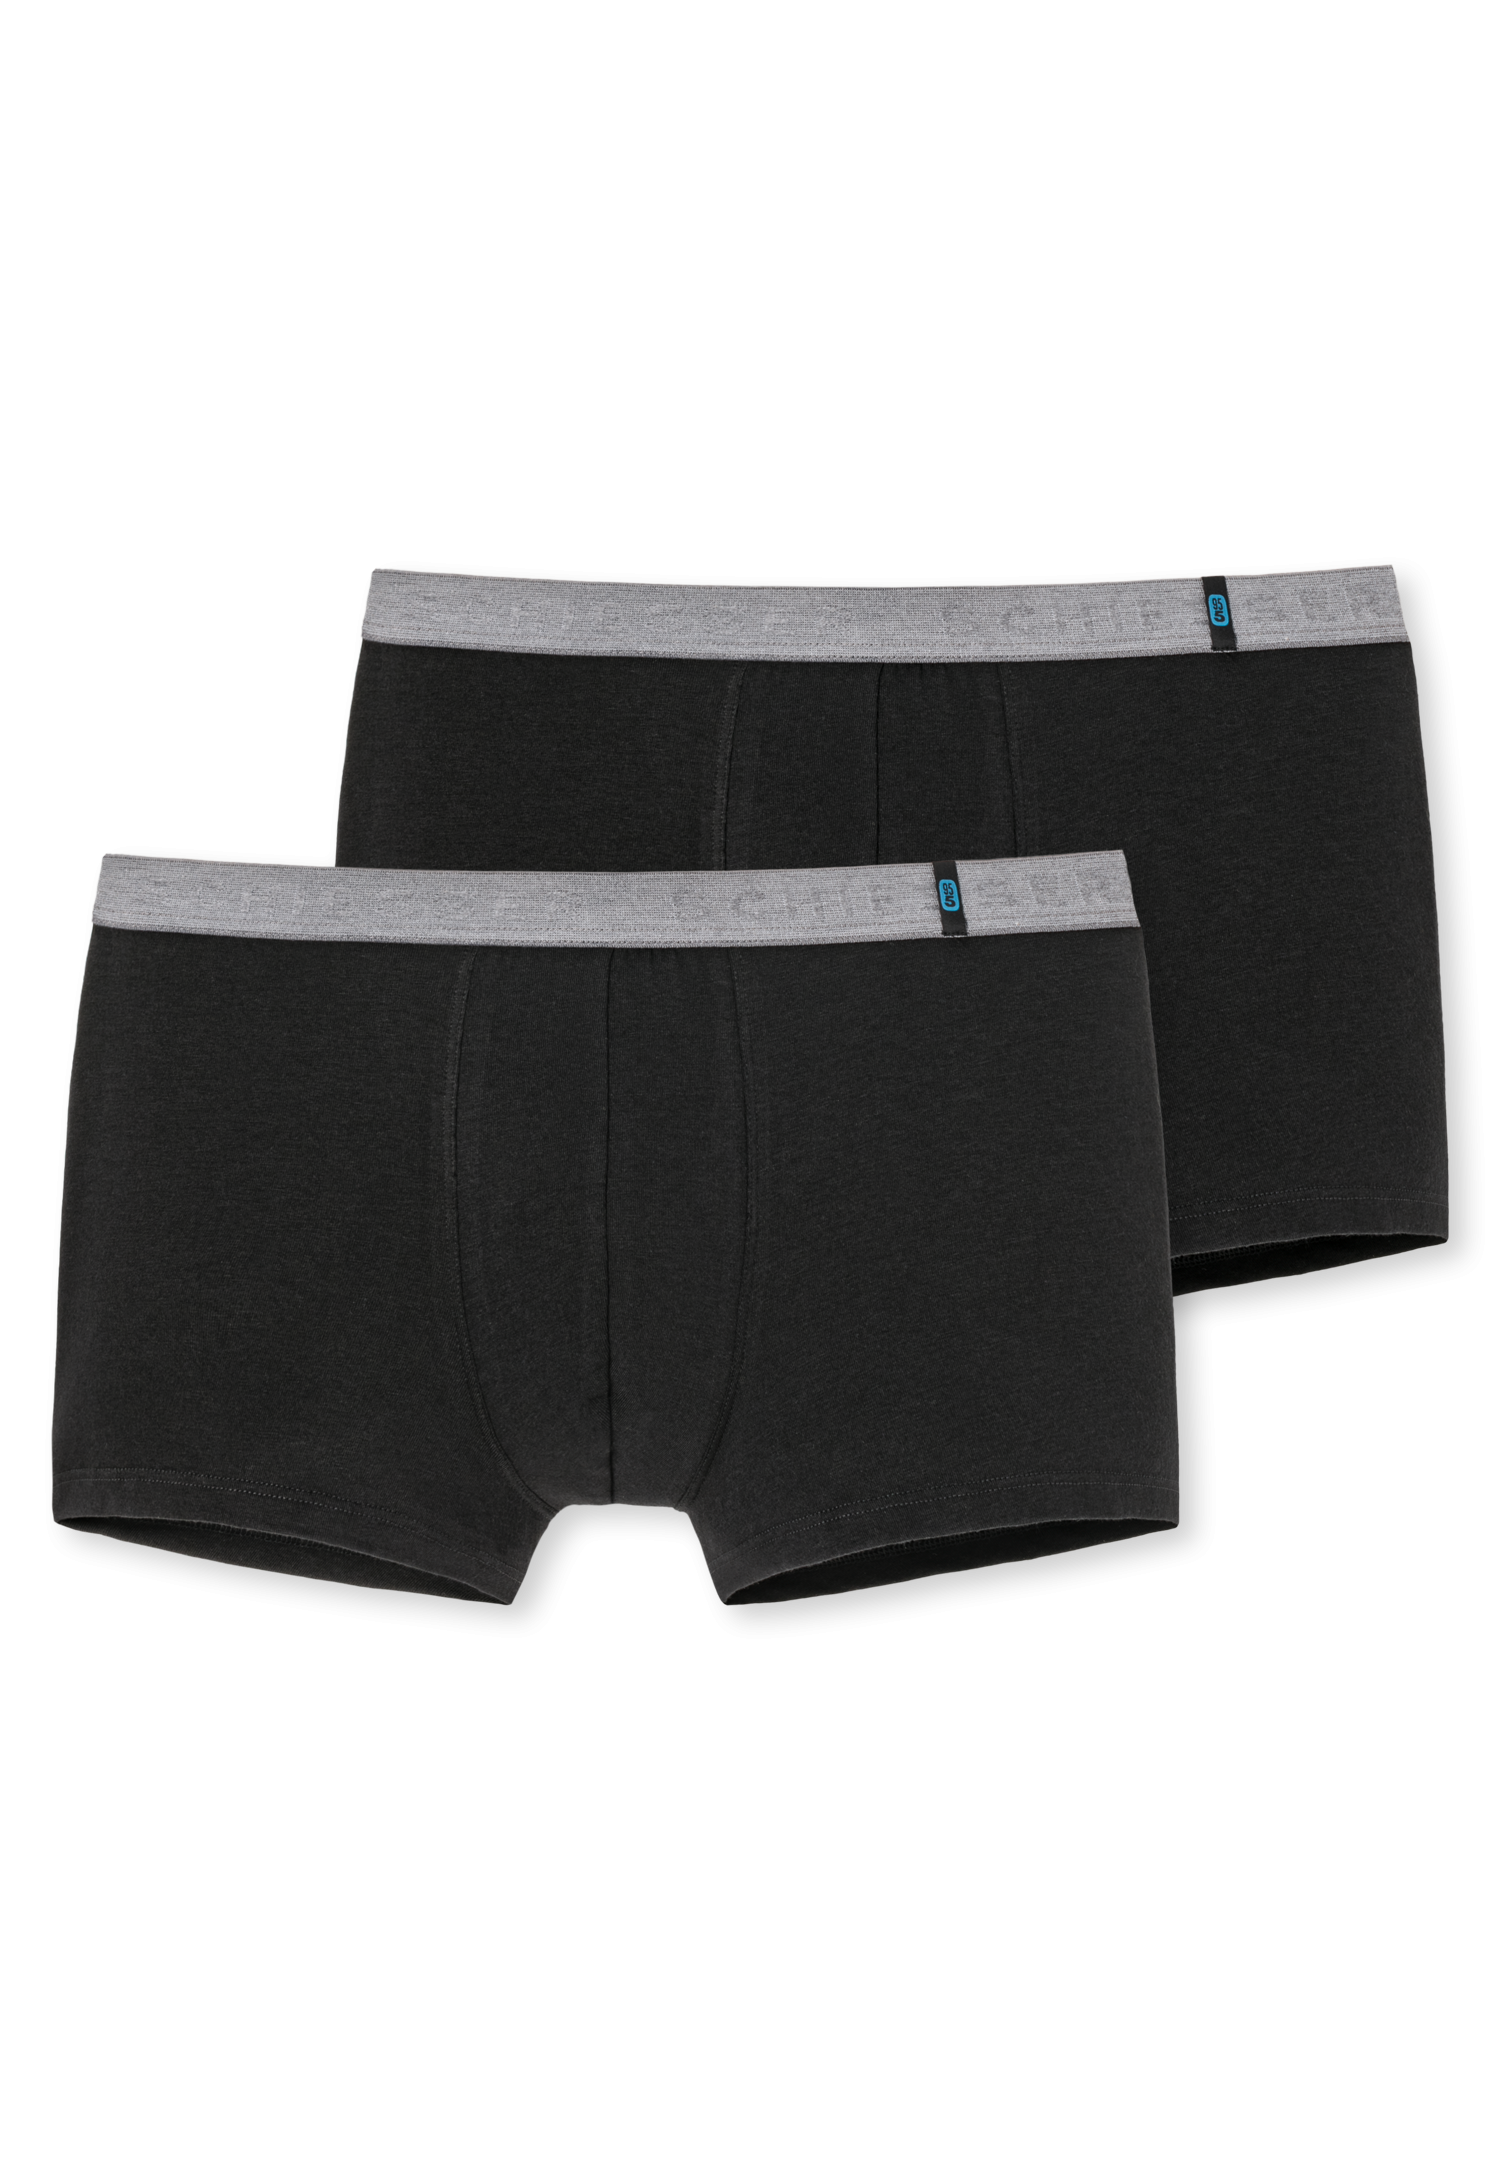 Schiesser 95/5 short kort 2-pack zwart